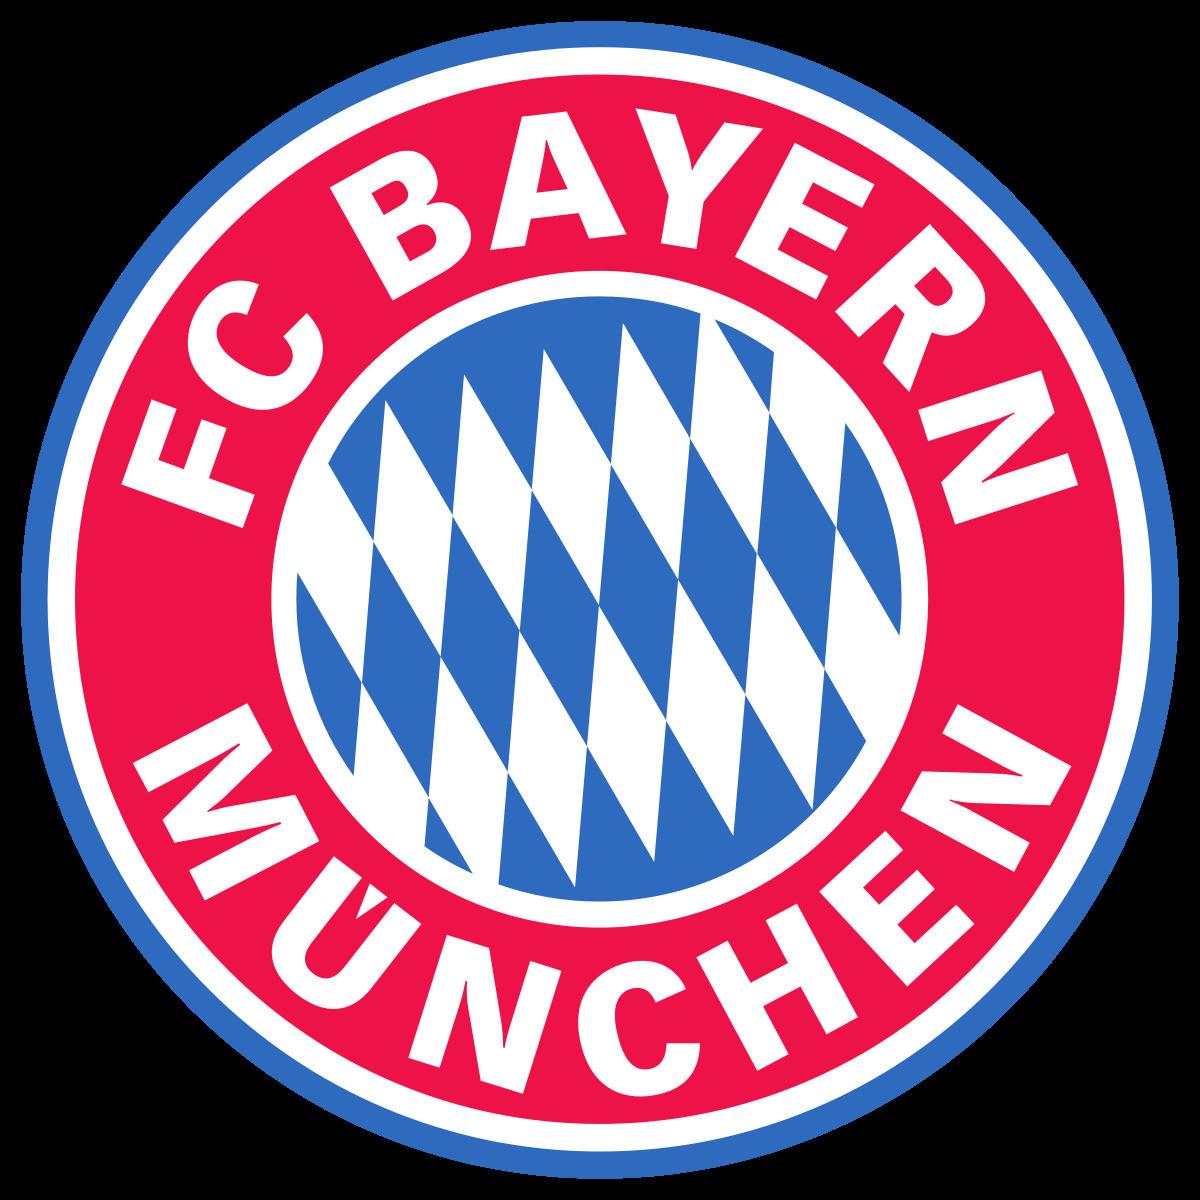 Fc Bayern Logo Zum Ausdrucken Das Beste Von Fußball Club Bayern München Frisch Ausmalbilder Fc Bayern München Galerie